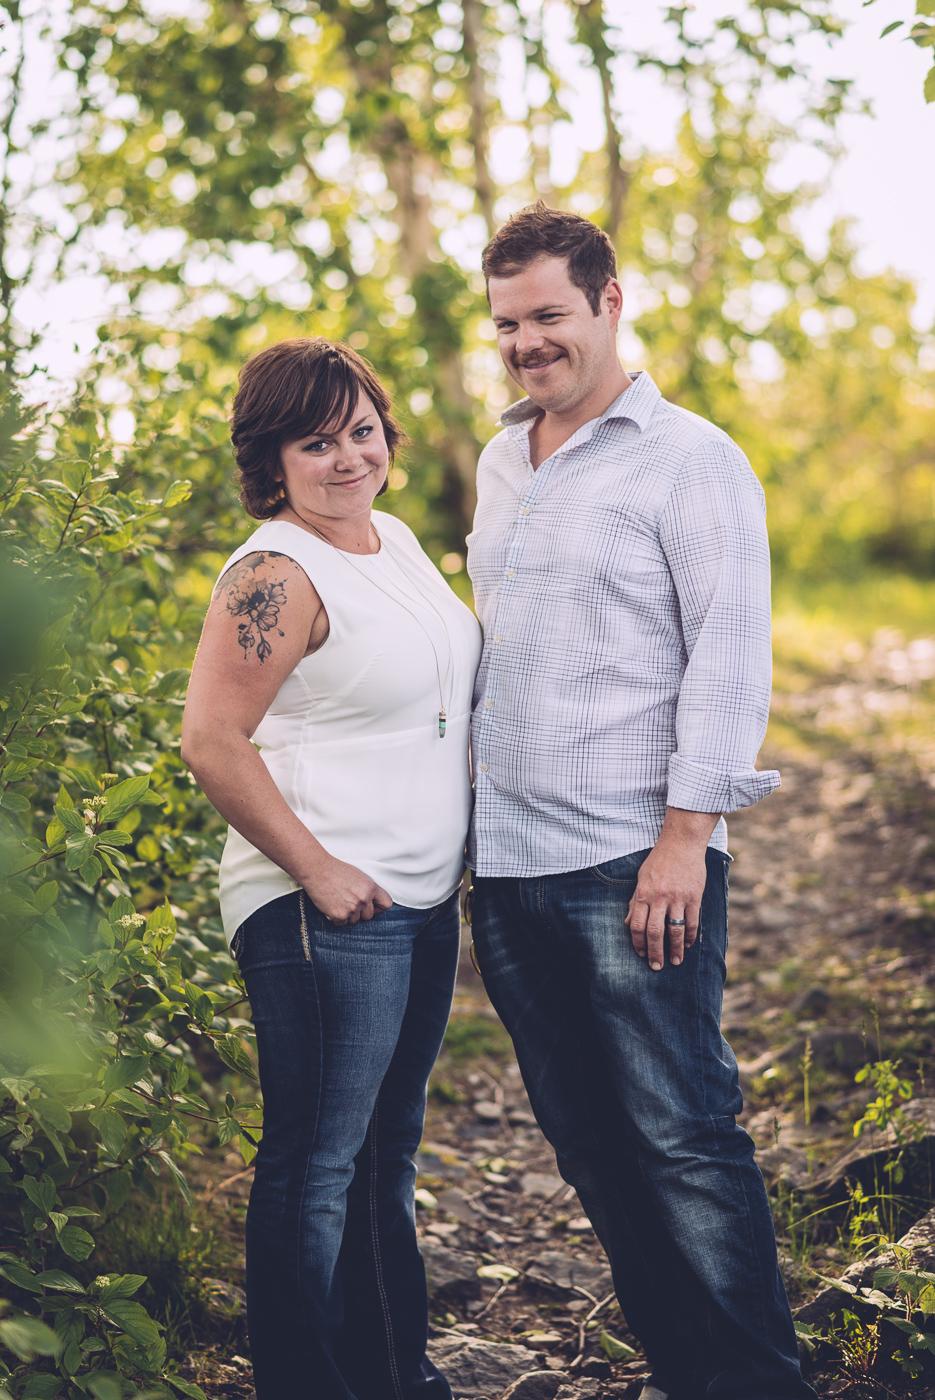 katewoods_familyportraits_blog6.jpg